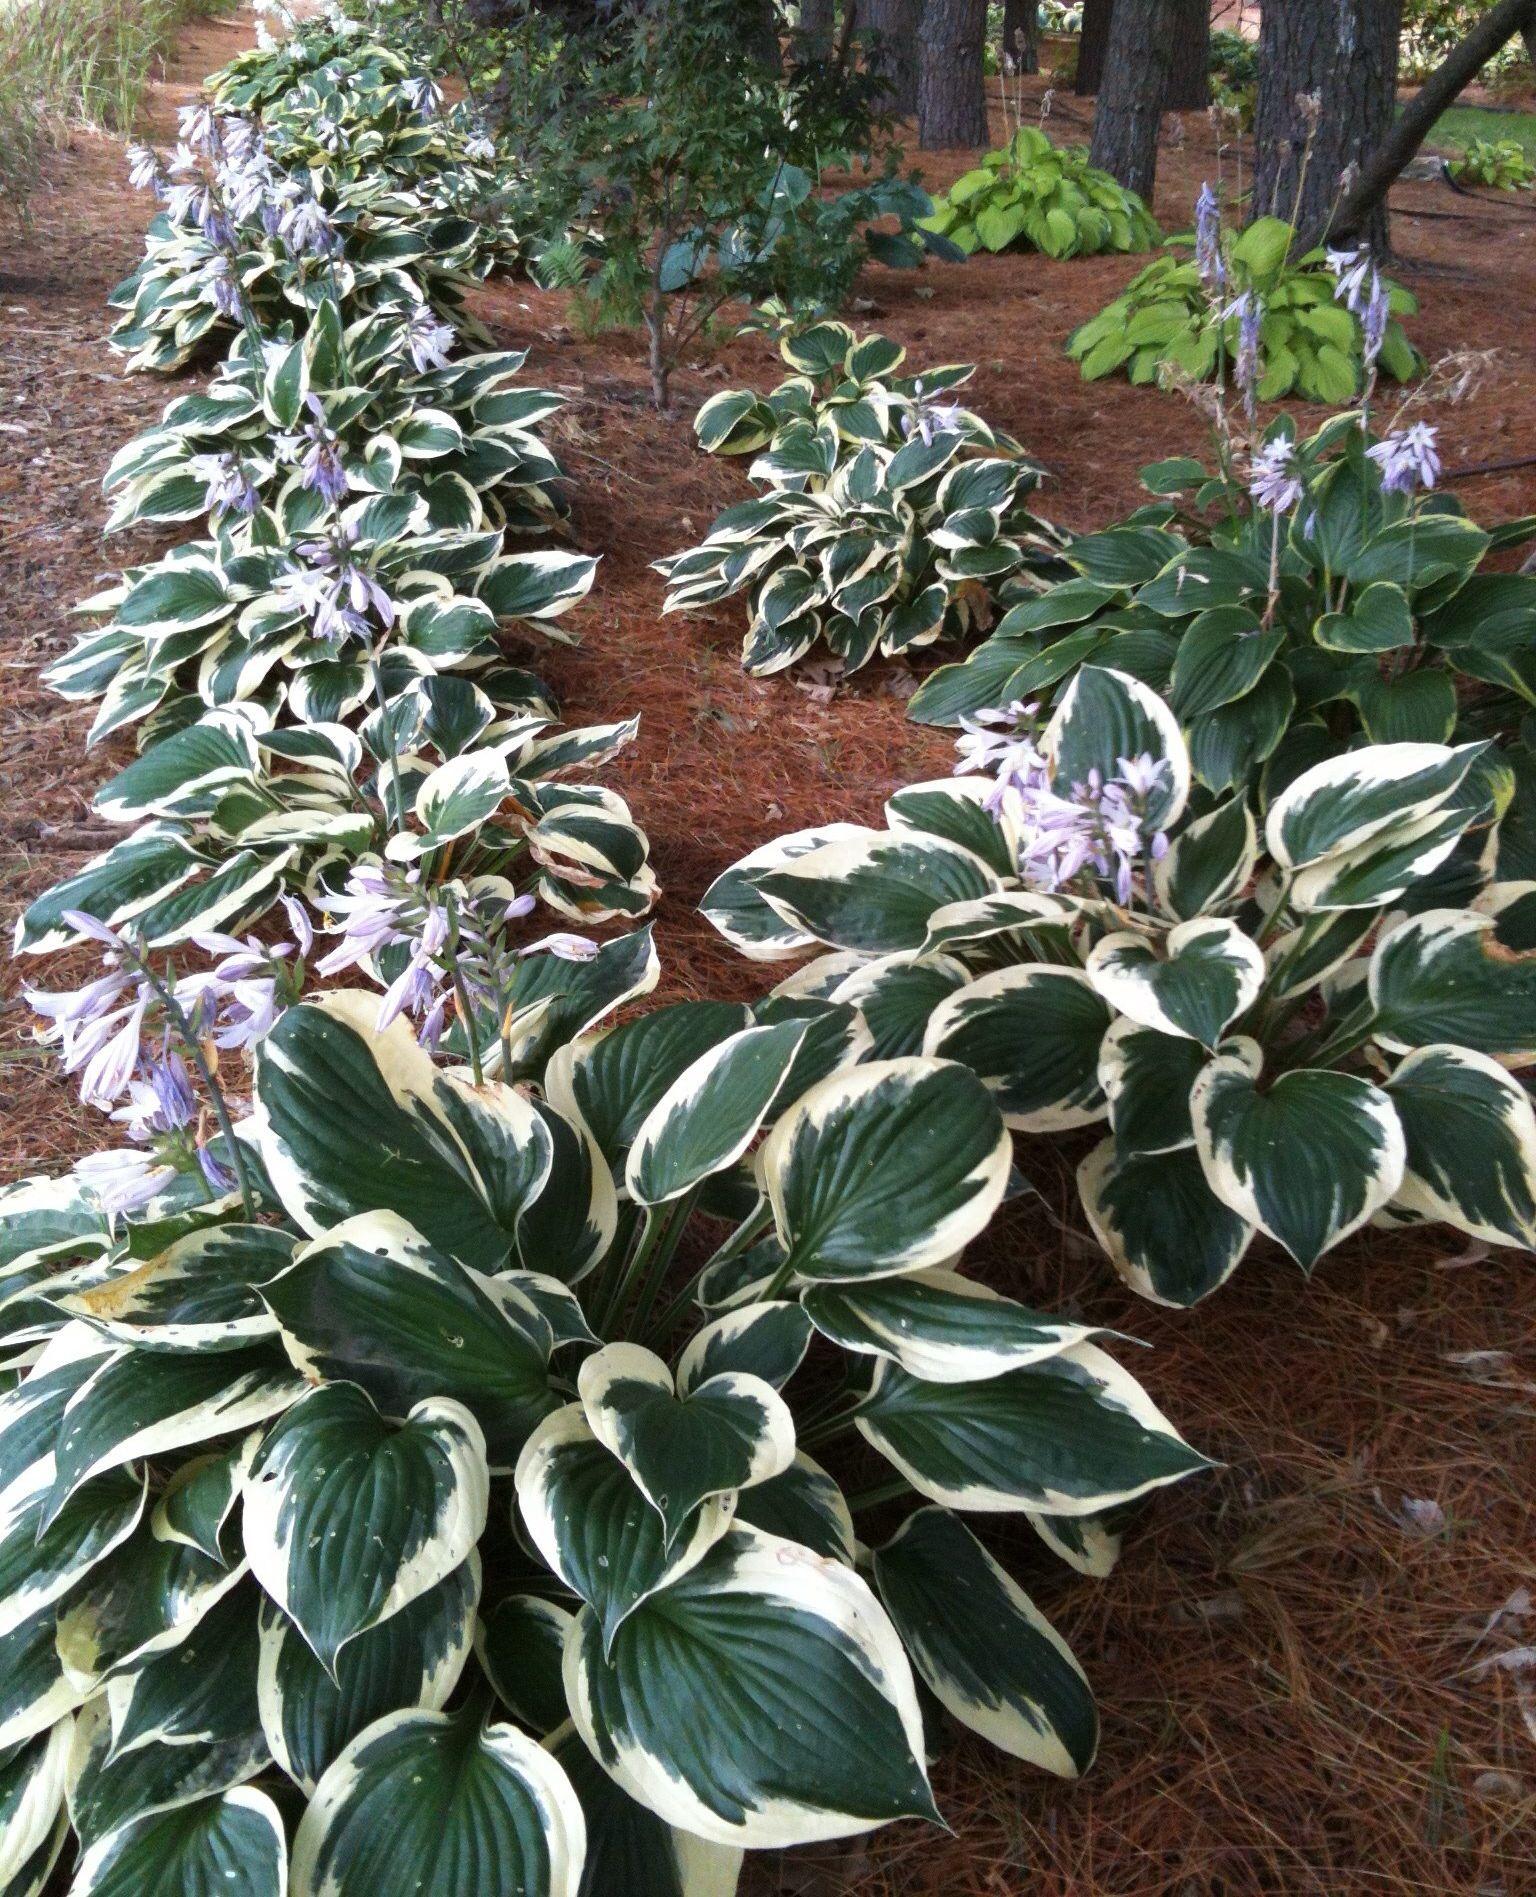 Flower garden ideas for under a tree - Garden Ideas Hosta Under Pine Trees